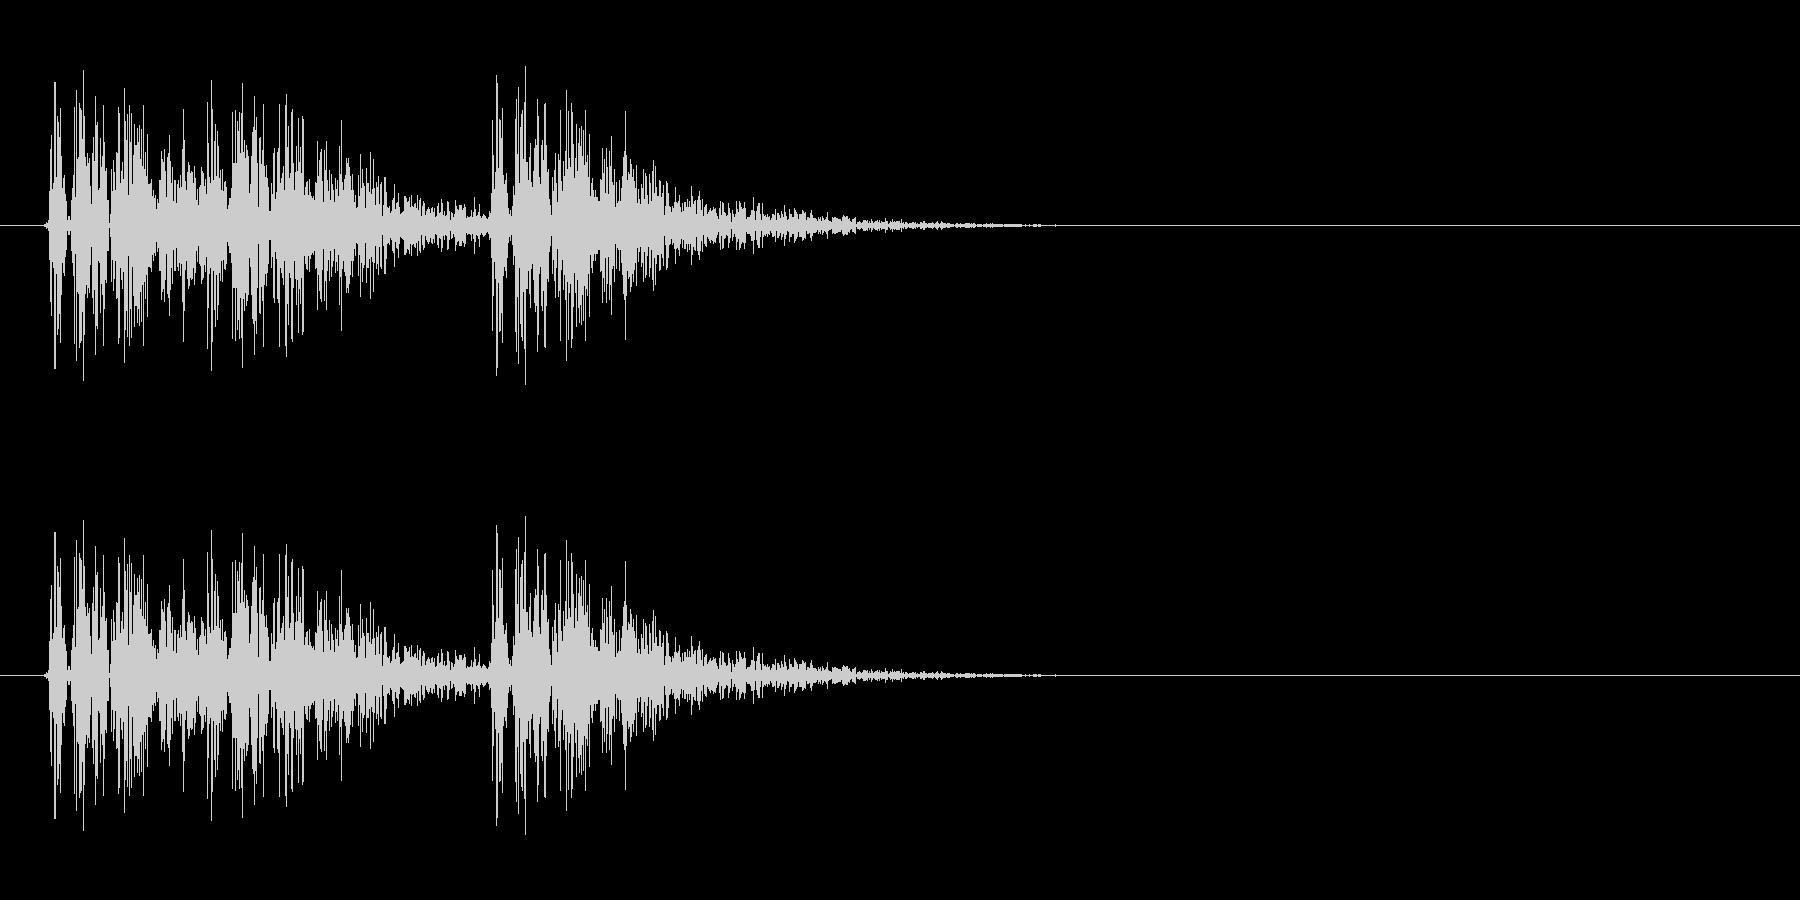 打撃音(3コンボ)の未再生の波形